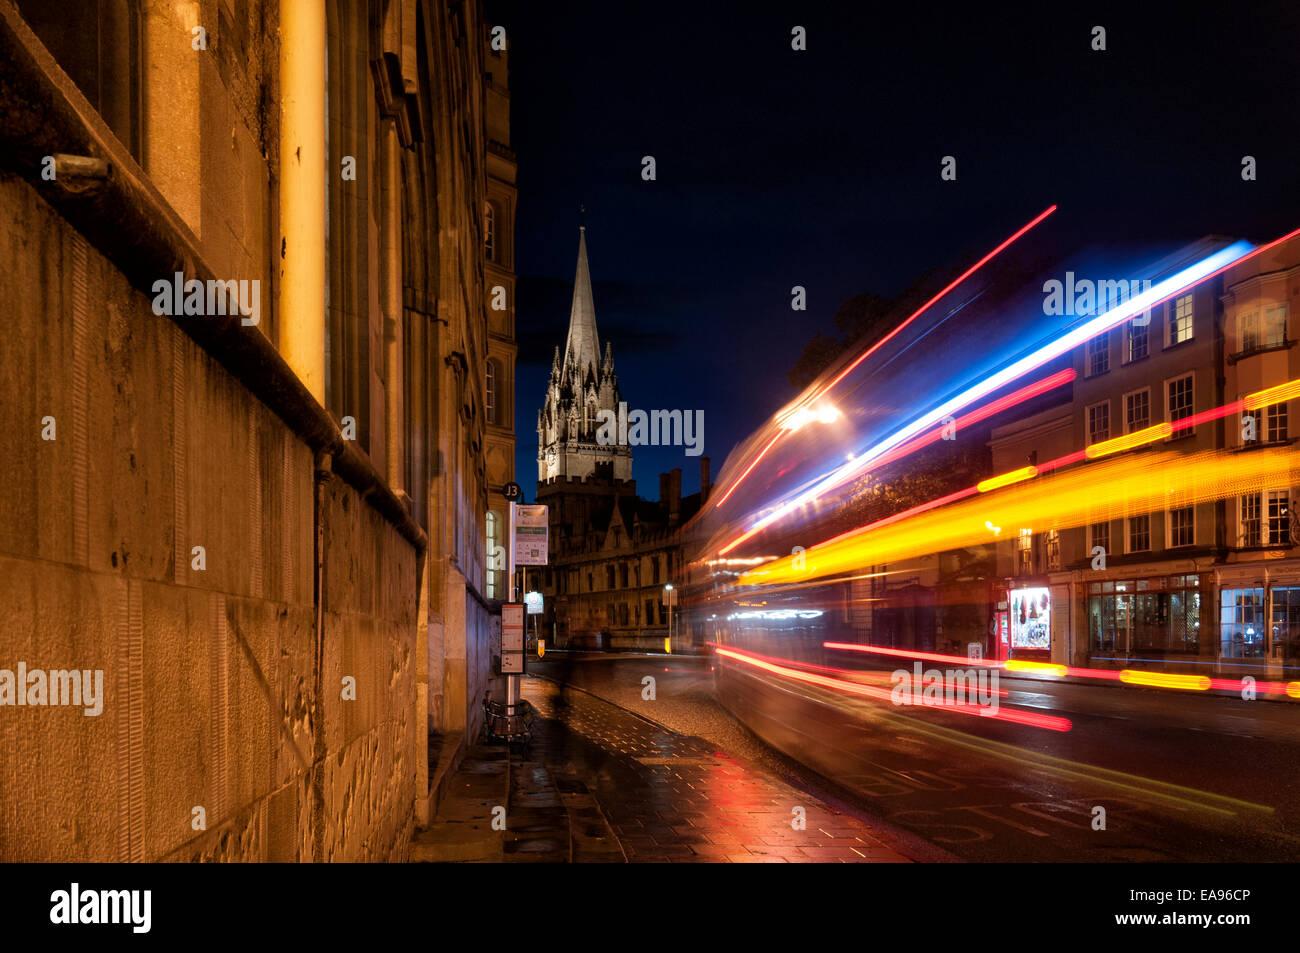 Oxford High Street in der Nacht mit Streifen von Licht aus einem vorbeifahrenden bus Stockbild